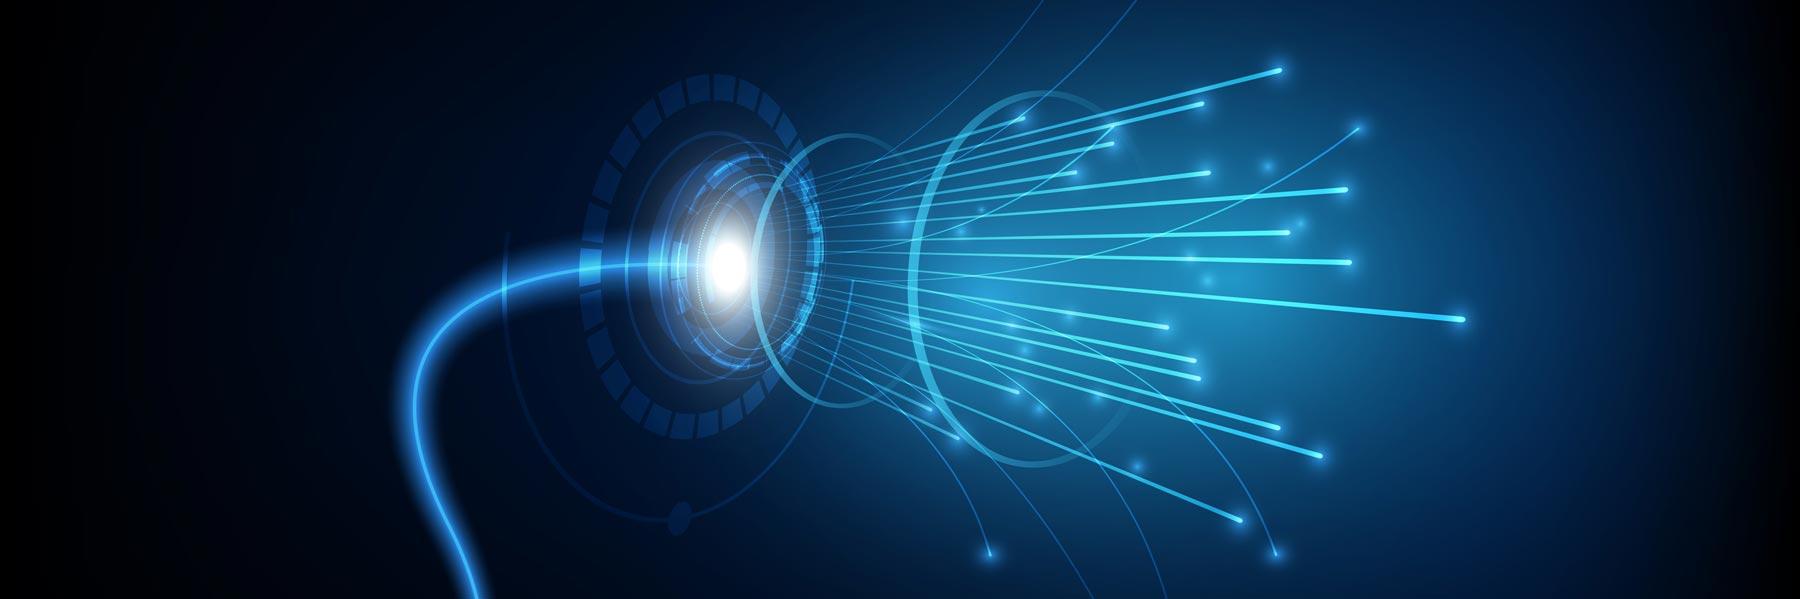 Turbo-Internet für Mitteldeutschland: envia TEL treibt Glasfasernetzausbau voran